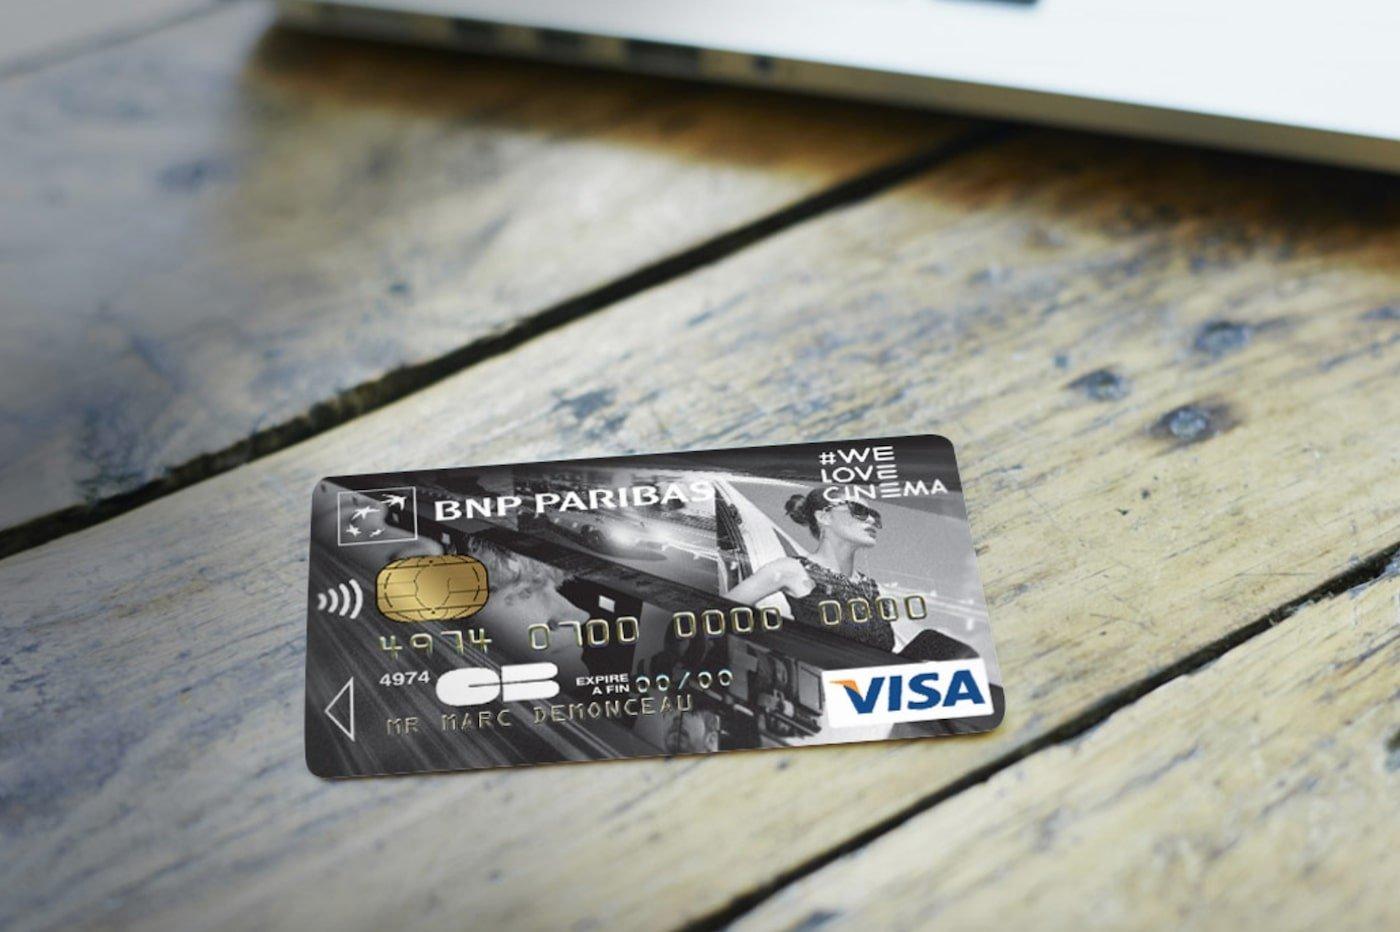 BNP Paribas carte bancaire